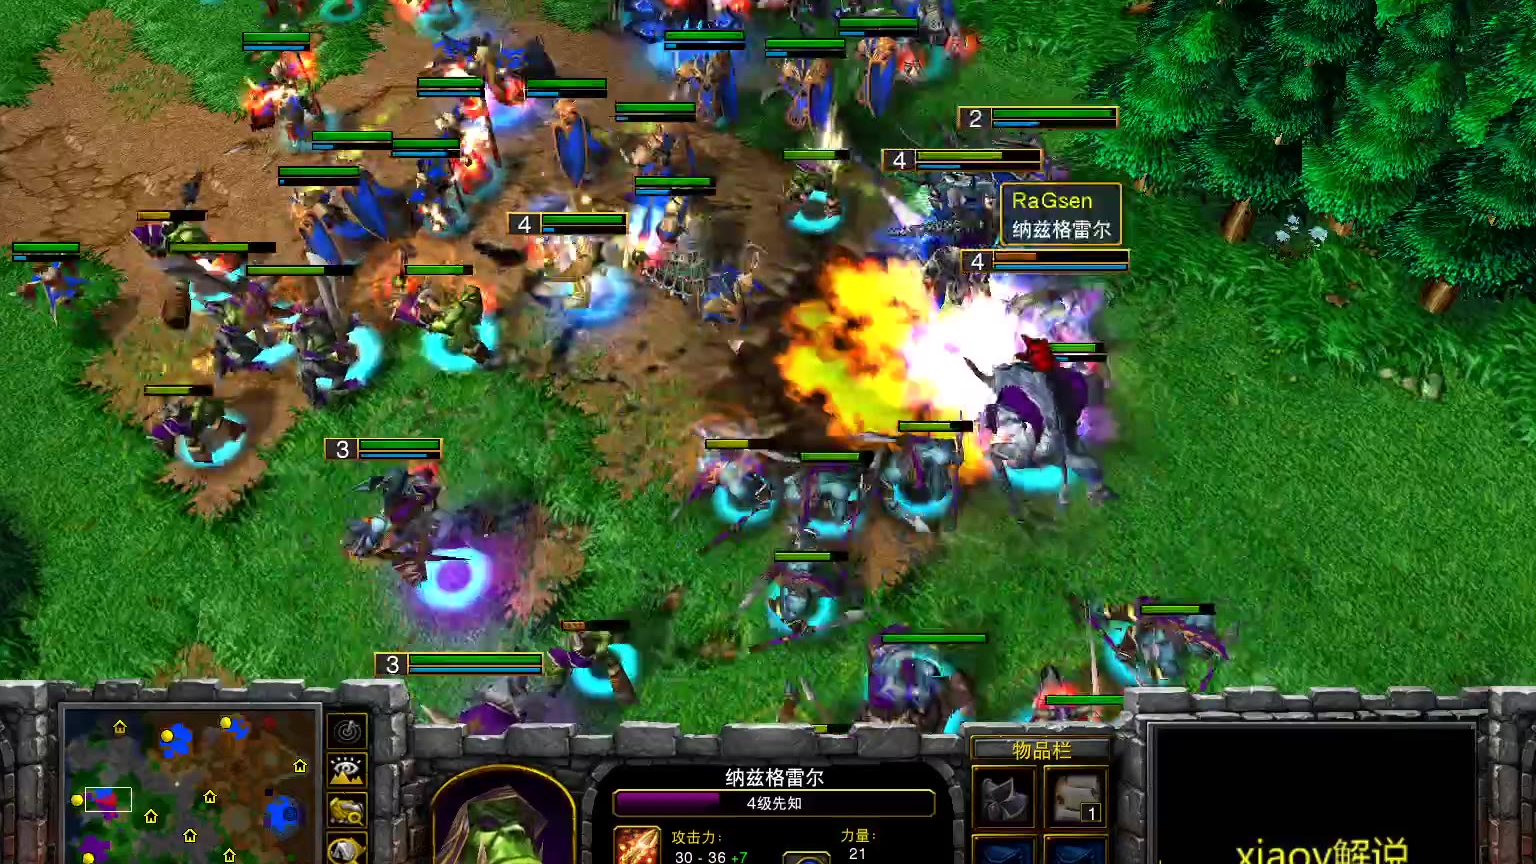 2v2最强爆发 魔兽争霸xiaoy解说两个兽族 人族 亡灵